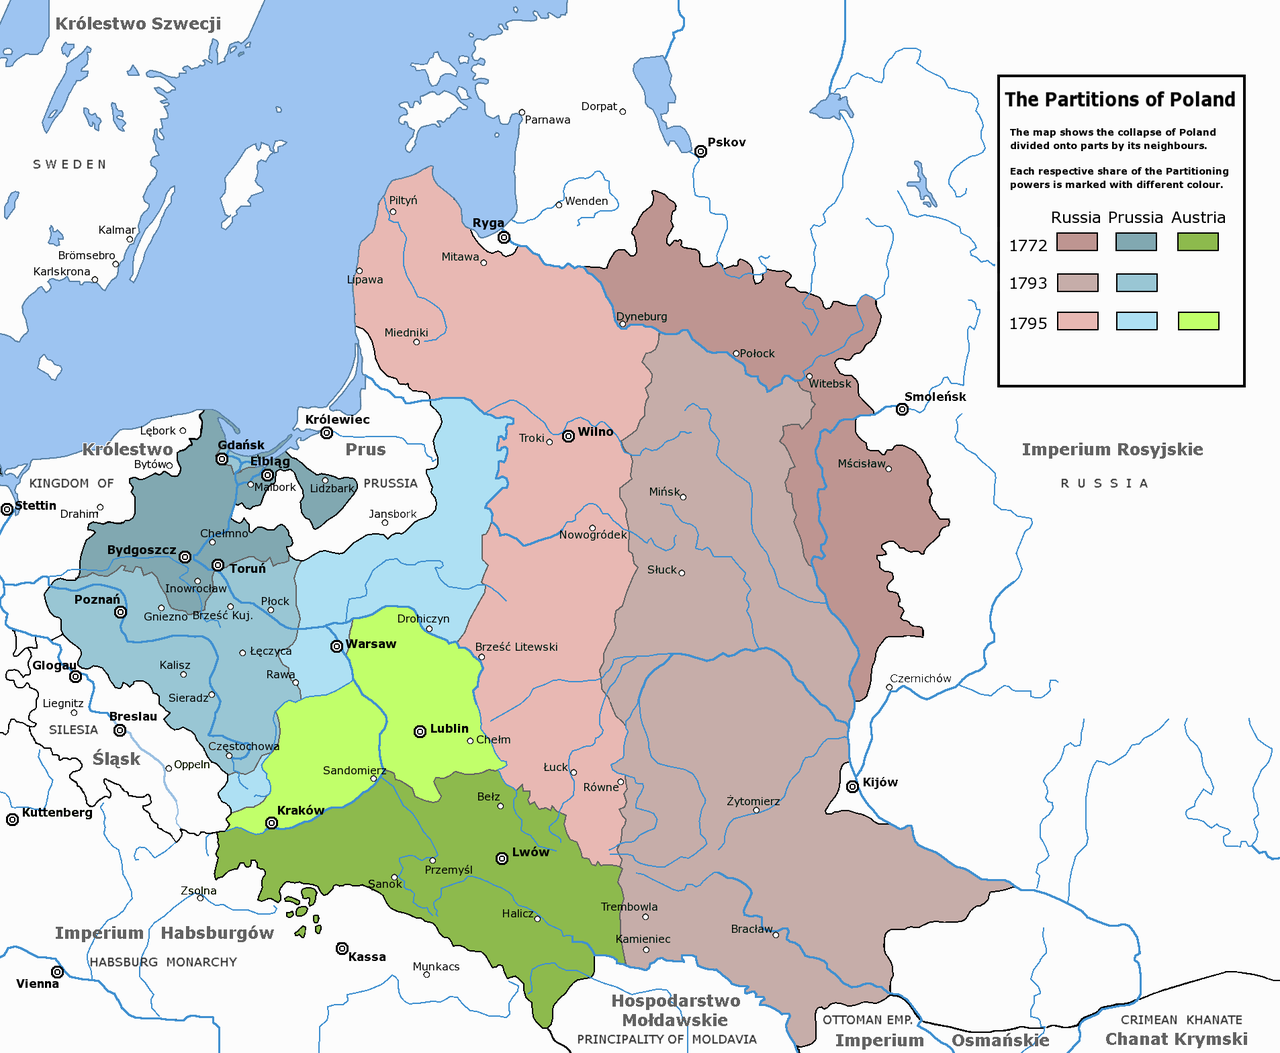 https://upload.wikimedia.org/wikipedia/commons/thumb/3/30/Rzeczpospolita_Rozbiory_3.png/1280px-Rzeczpospolita_Rozbiory_3.png